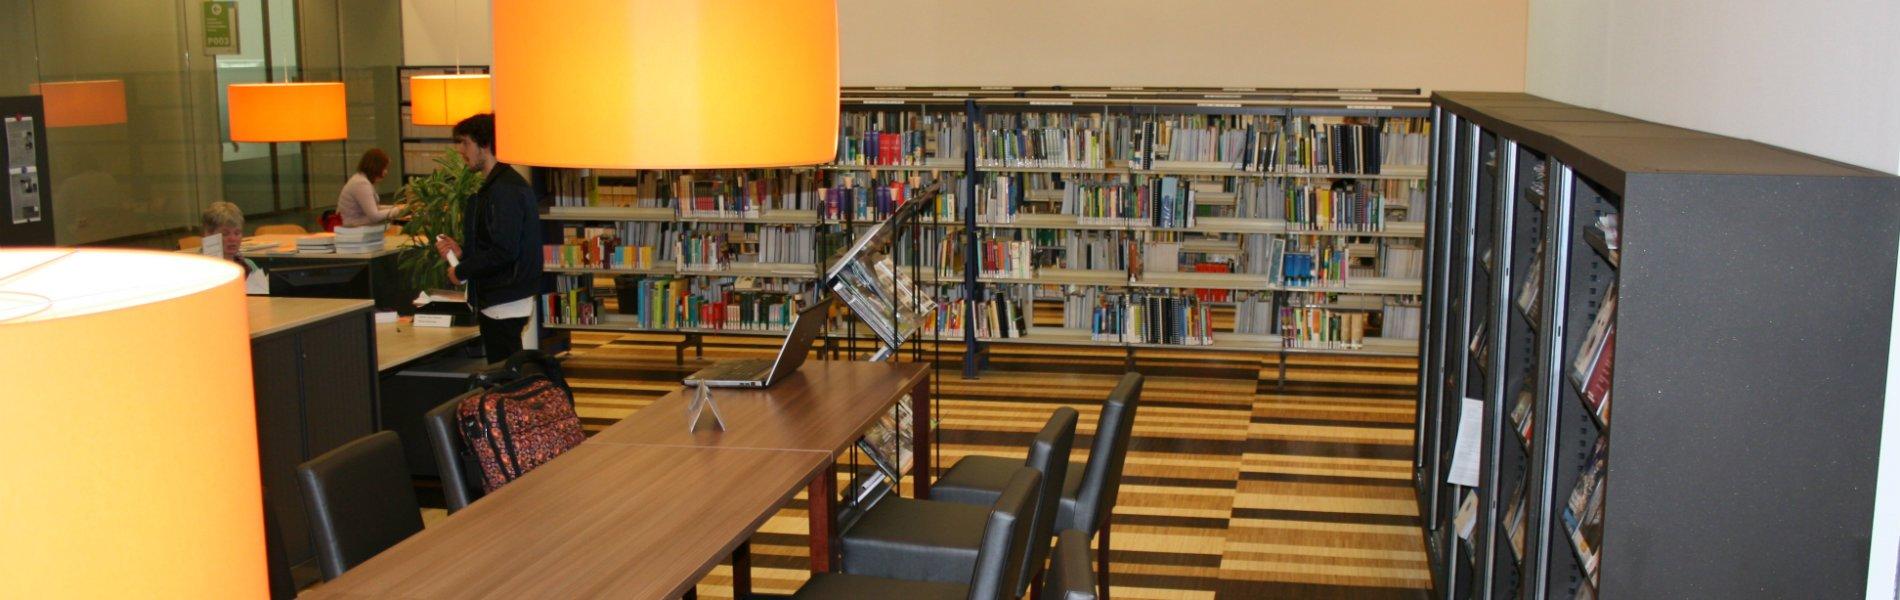 Bibliotheek Aeres Hogeschool Dronten